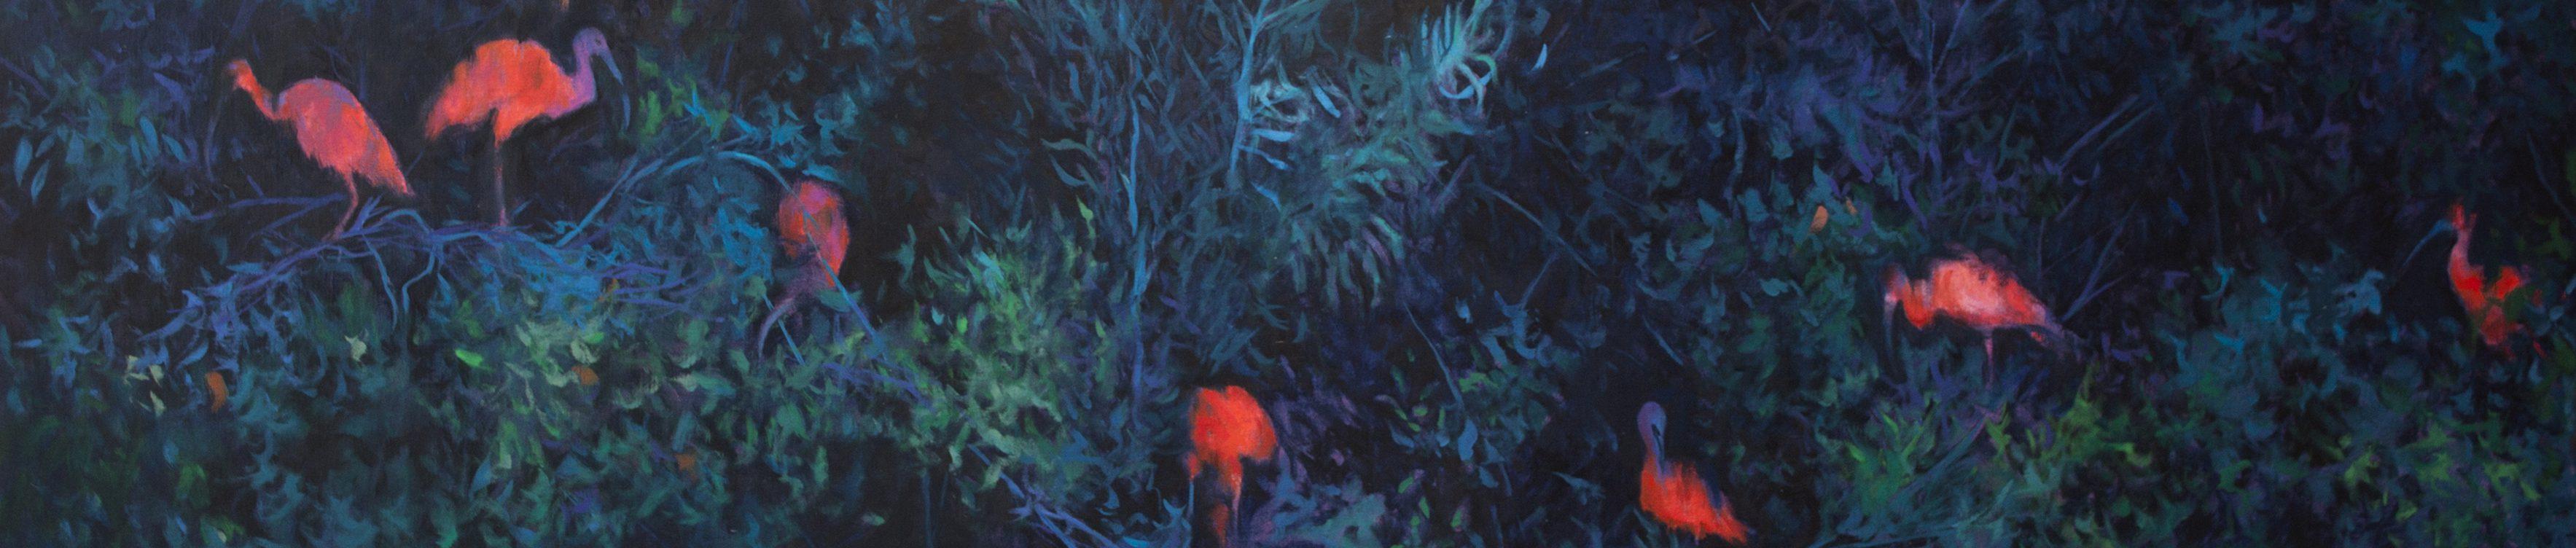 Corroboro rojo (detail)